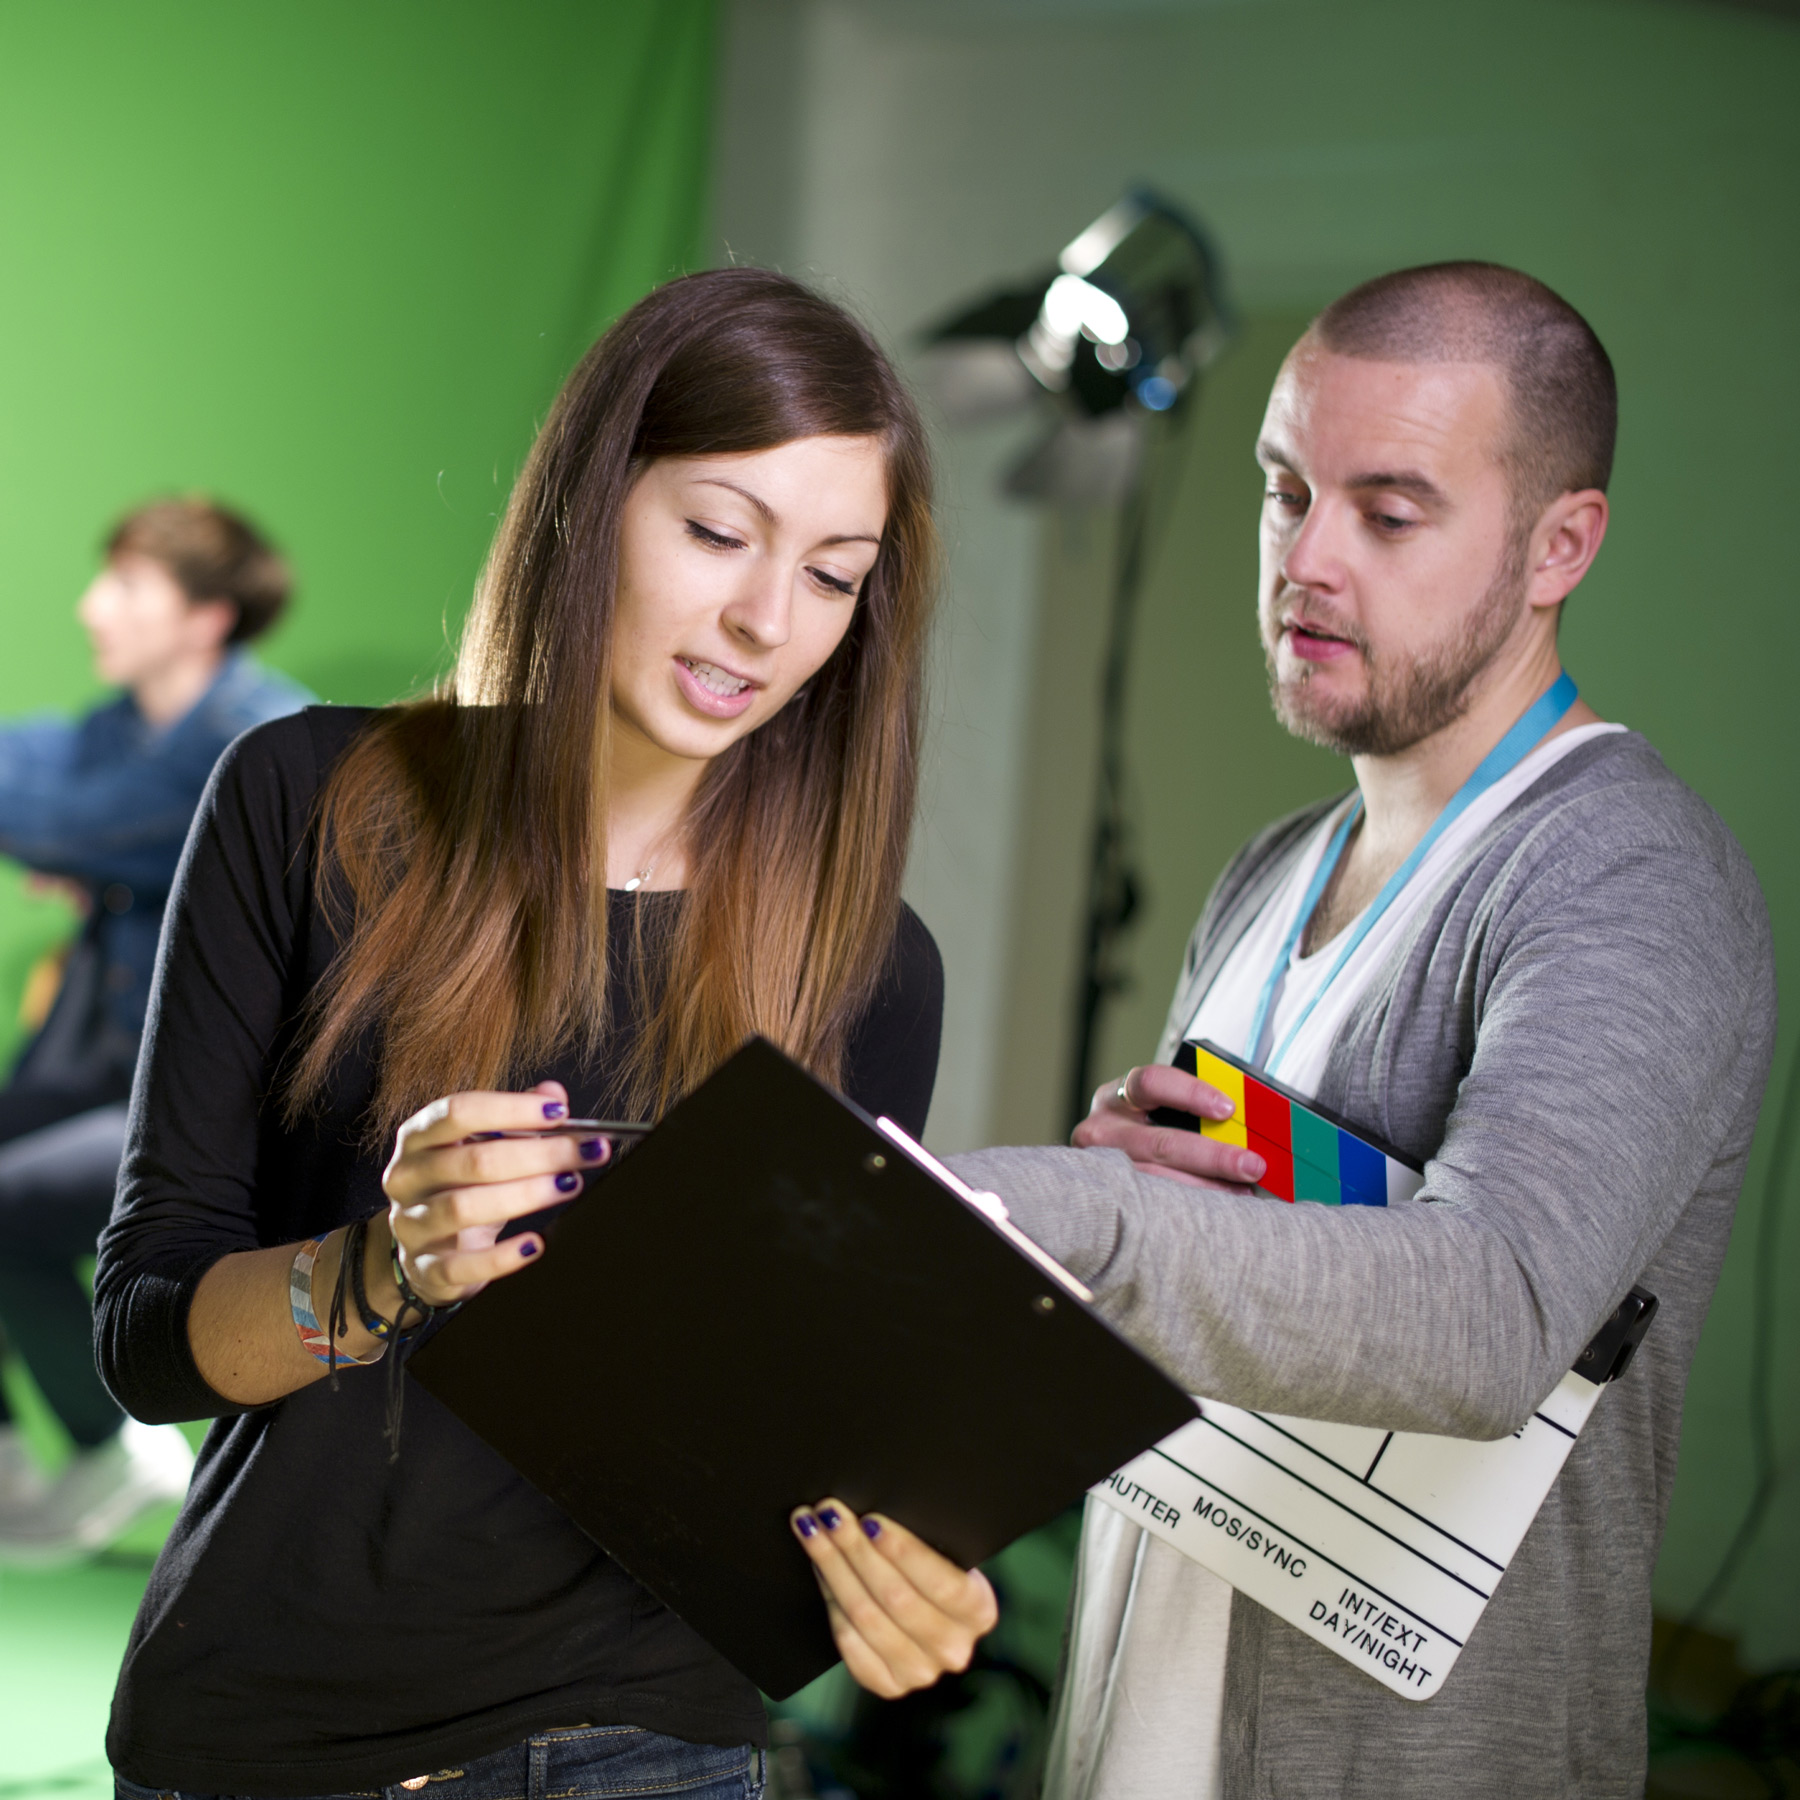 Zwei Menschen in einem Fernsehstudio.